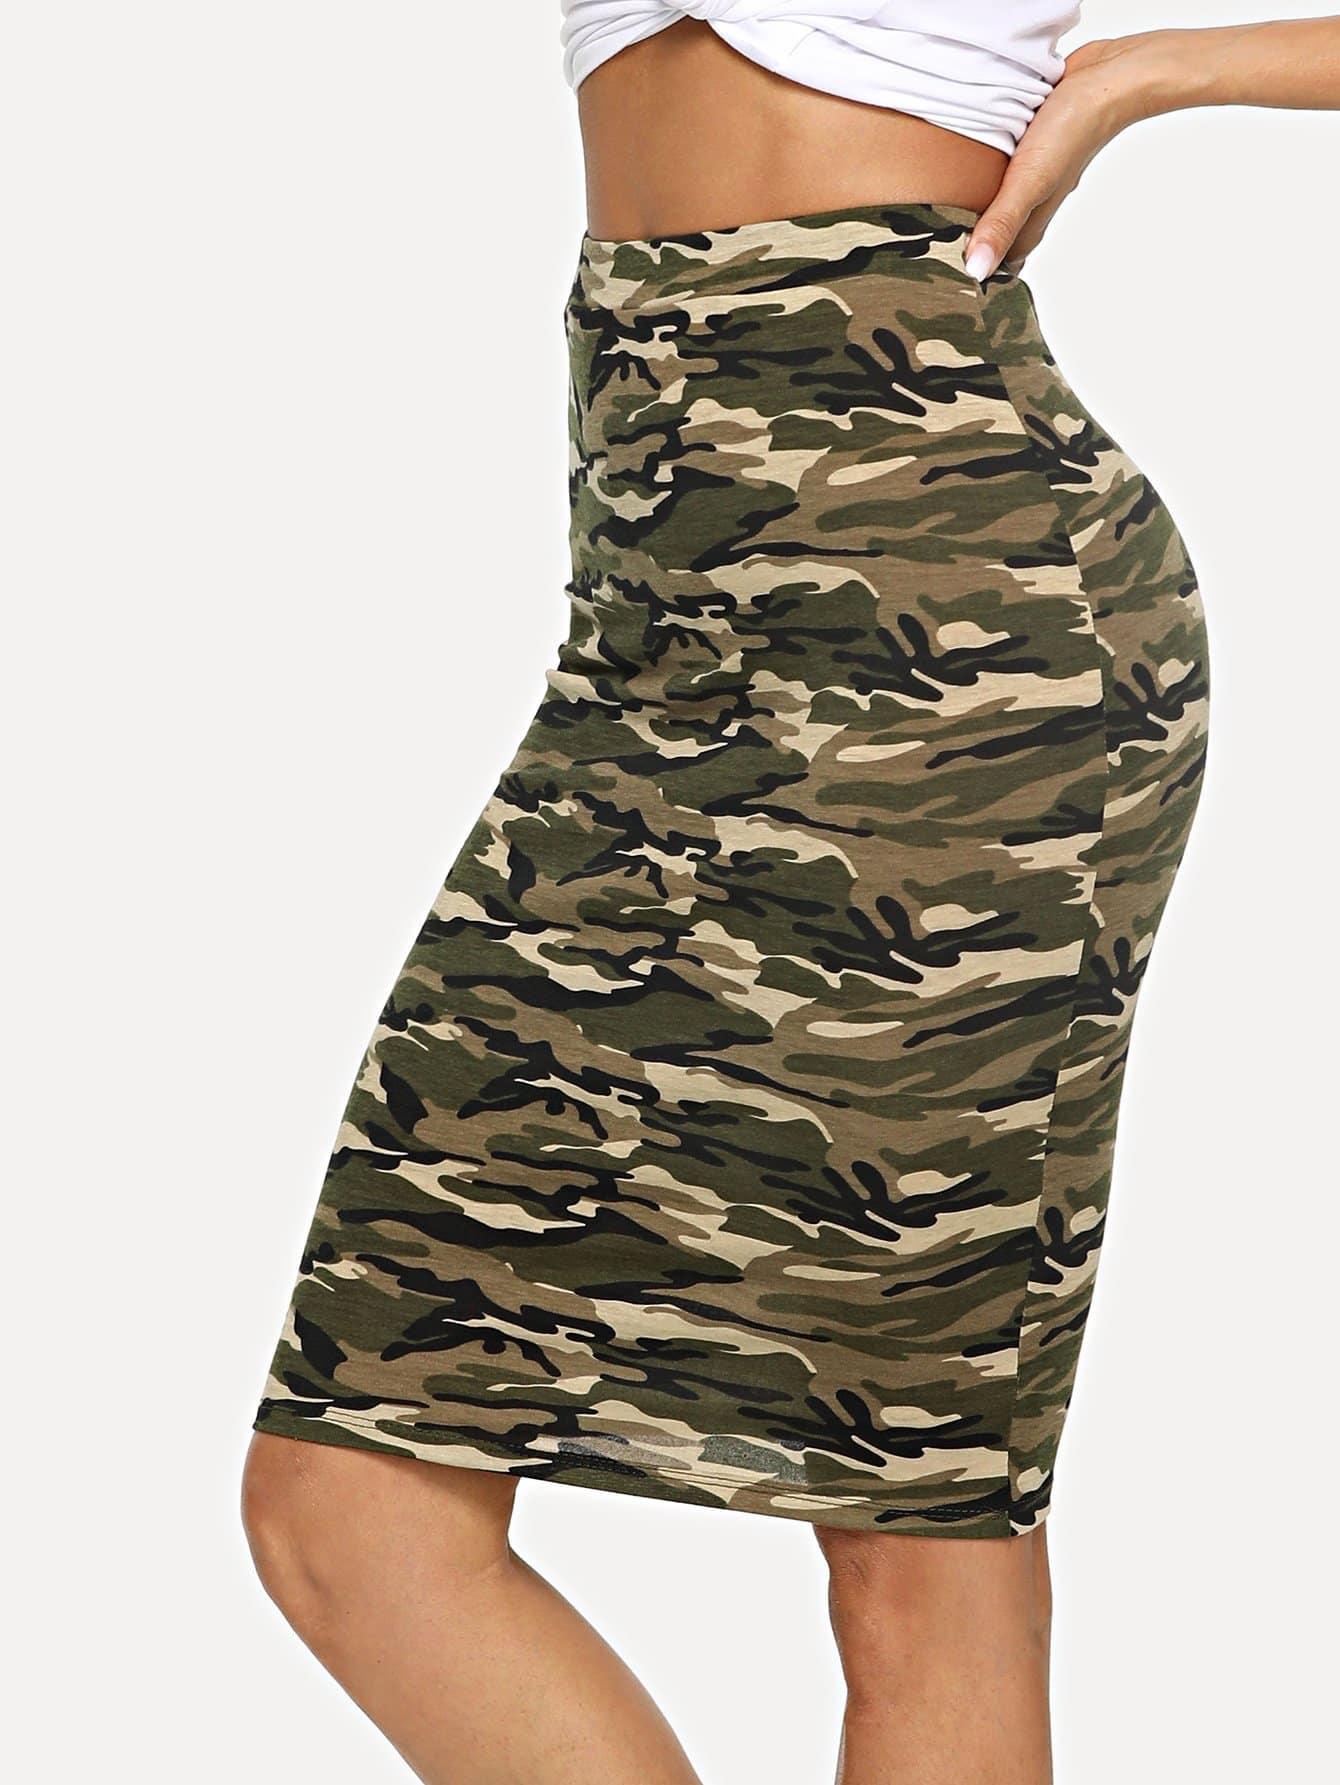 где купить Camo Print Pencil Skirt дешево